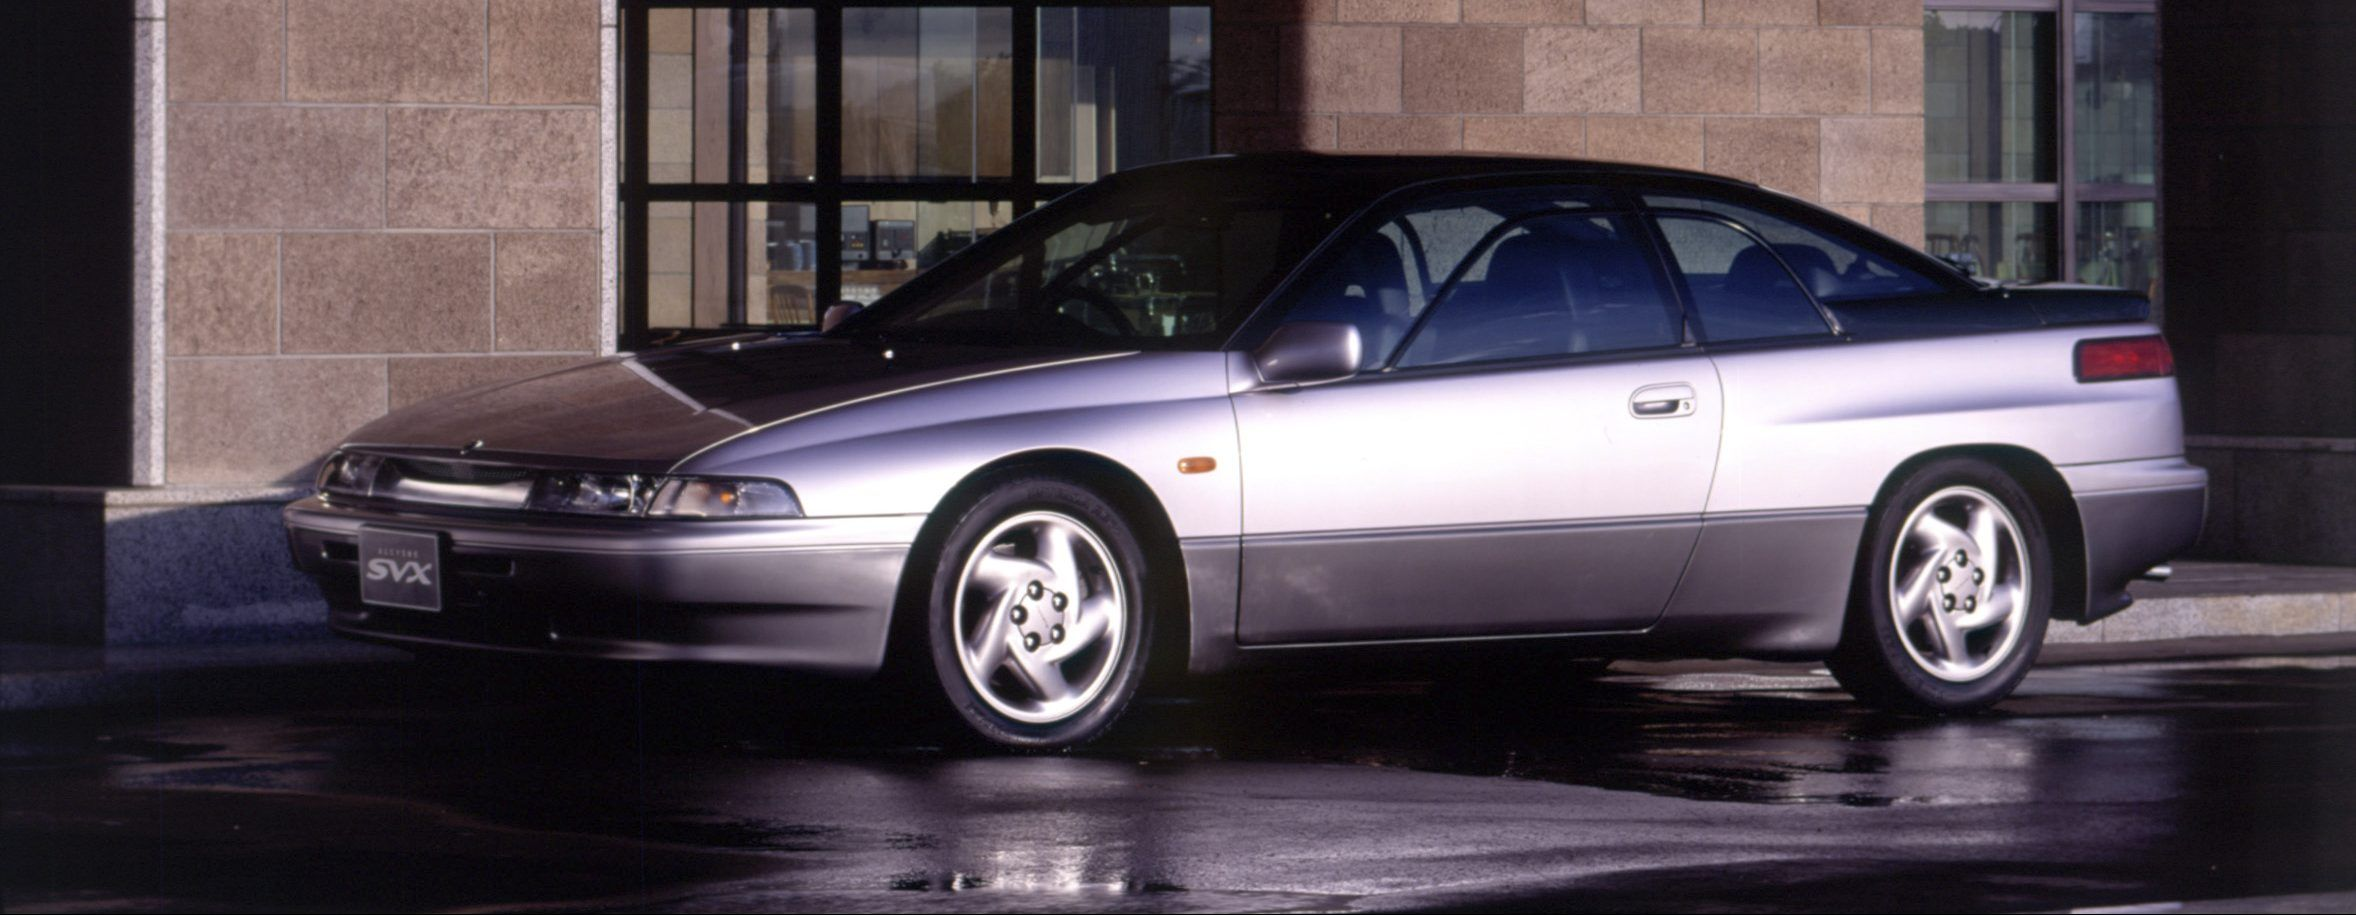 Historia de Subaru: la llegada del Impreza, el Outback y el Forester